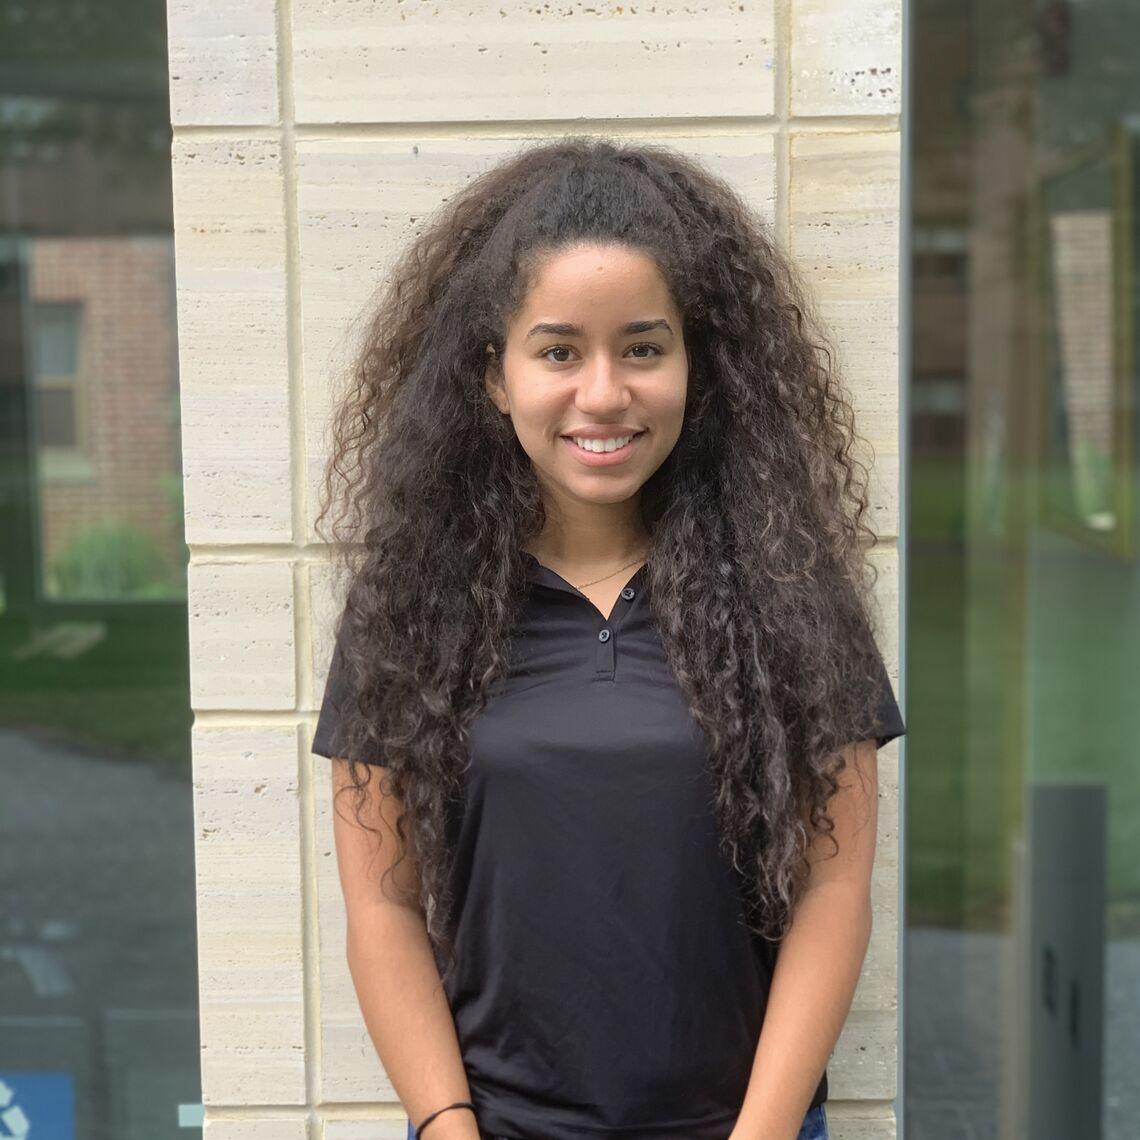 Ann Medina, 20-21 Bonchek HA